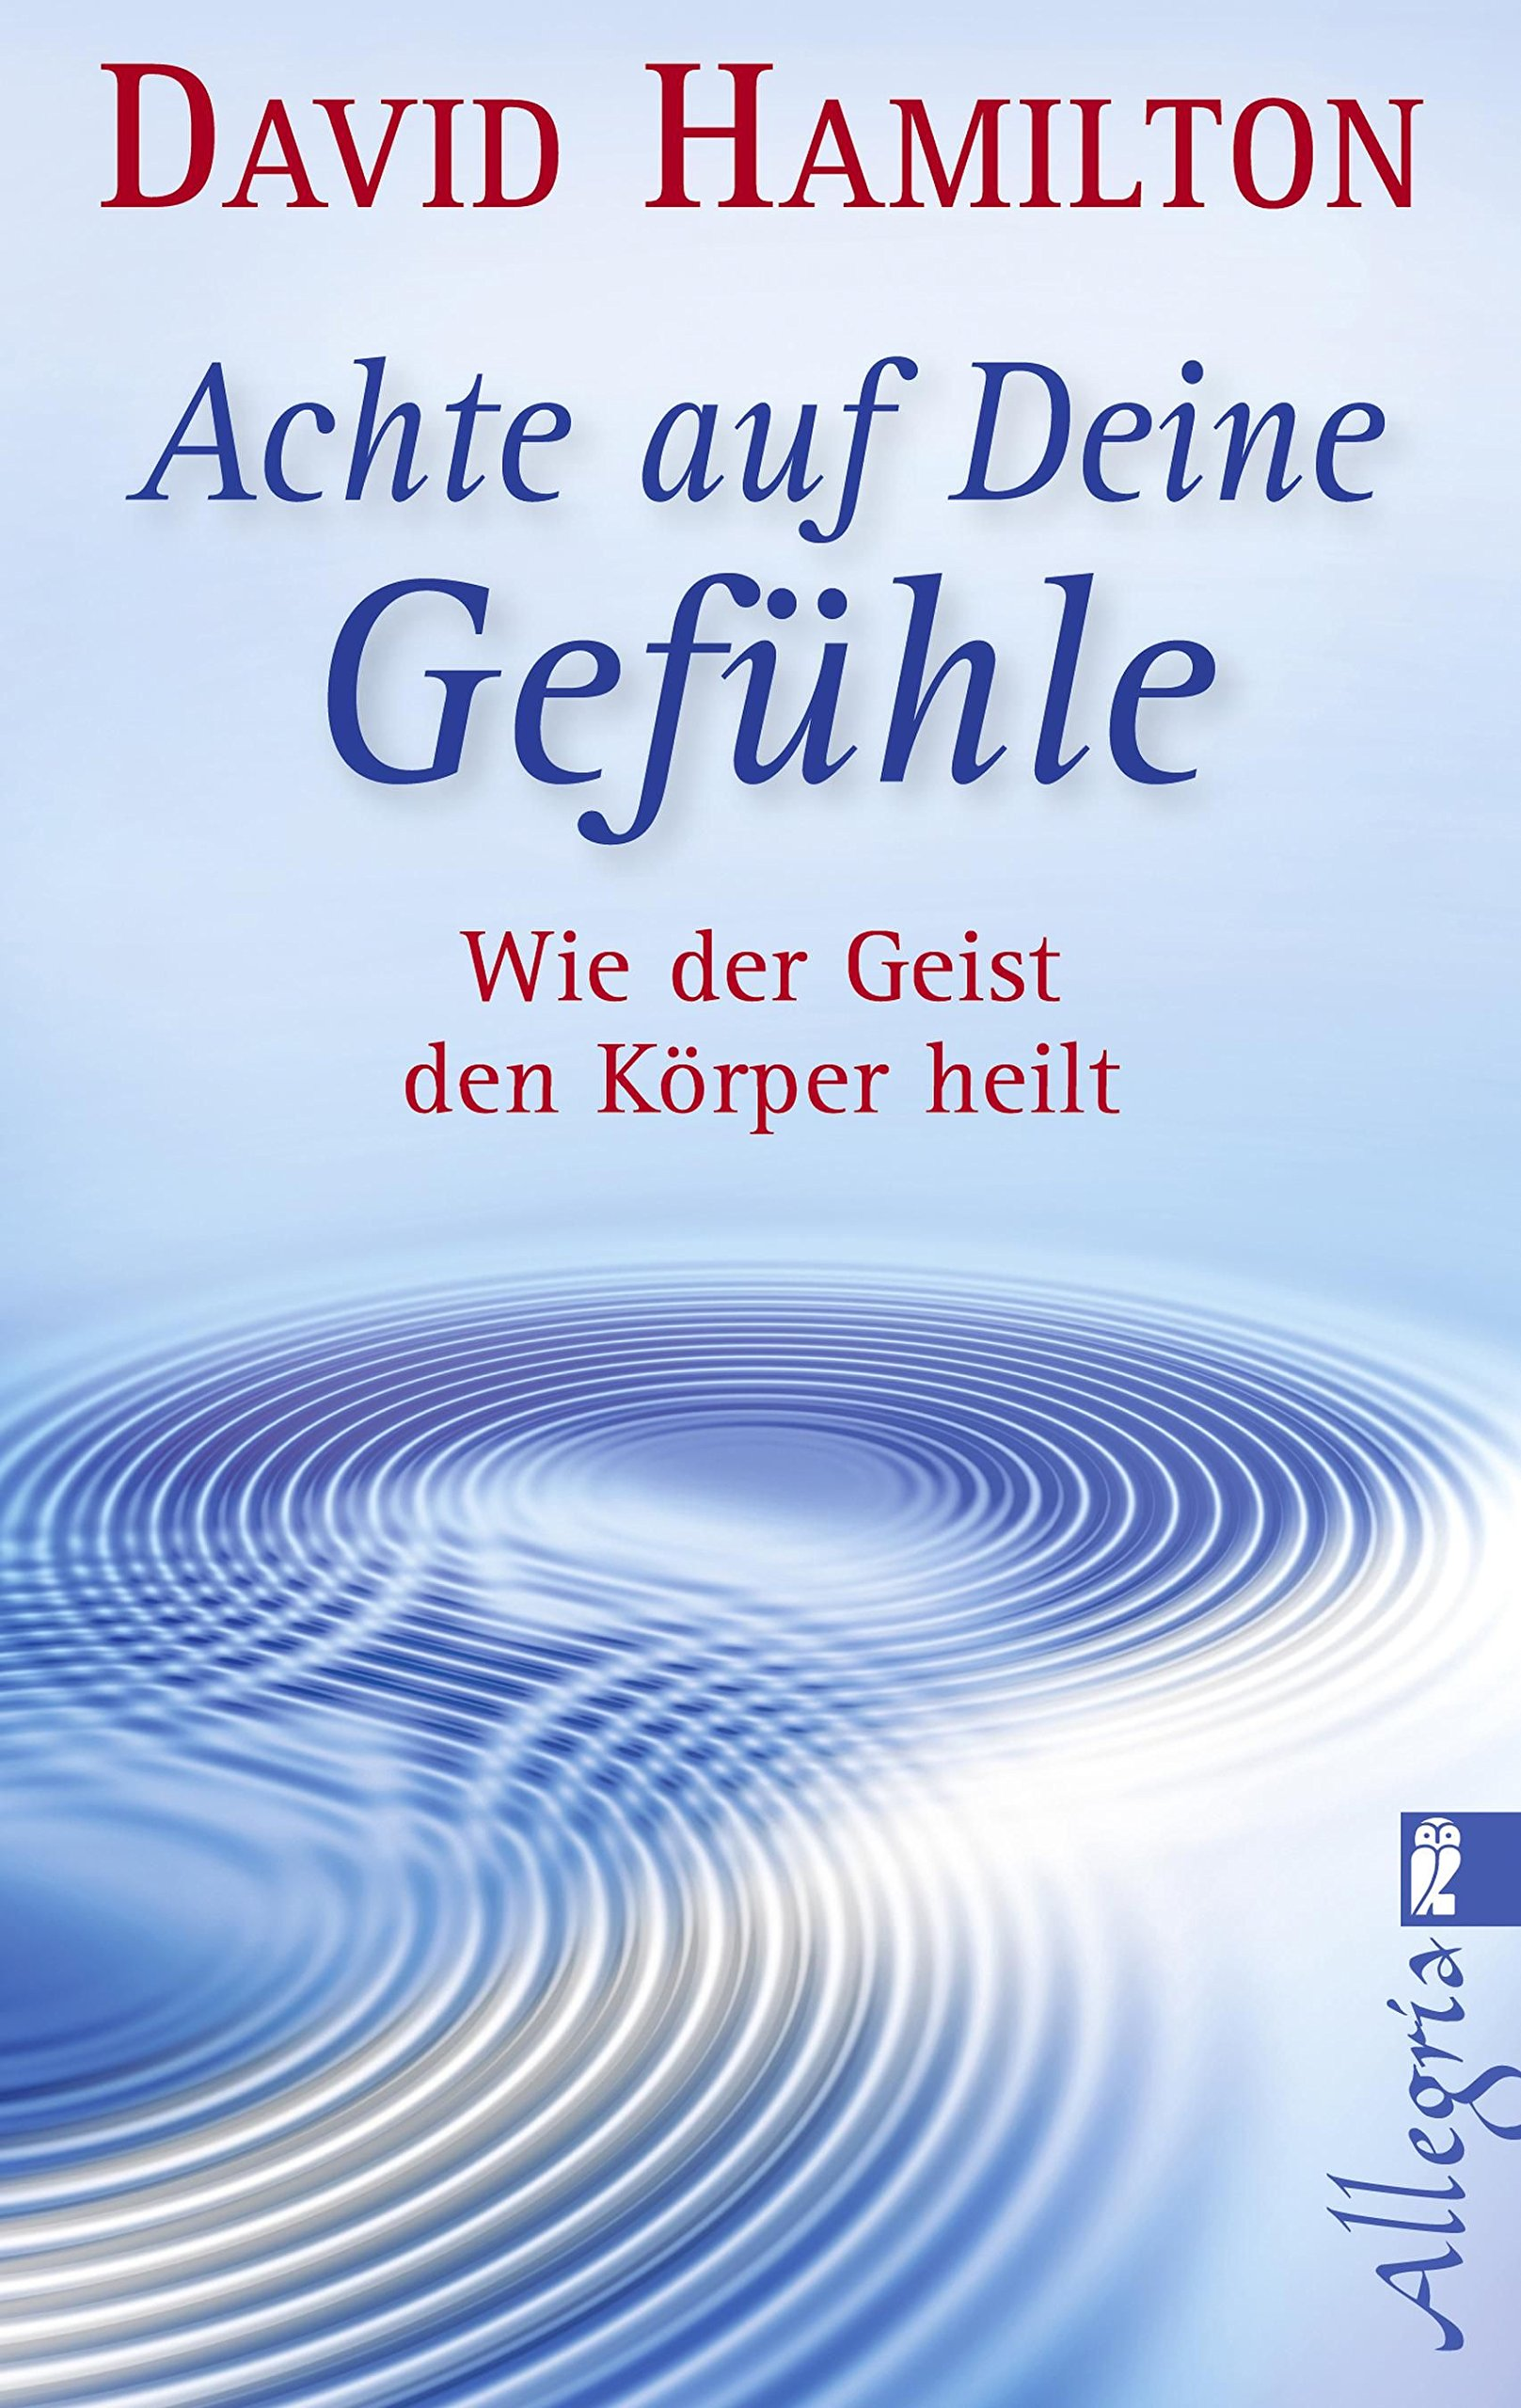 Achte auf Deine Gefühle!: Wie der Geist den Körper heilt Taschenbuch – 14. September 2012 David R. Hamilton Allegria Taschenbuch 3548745598 BODY